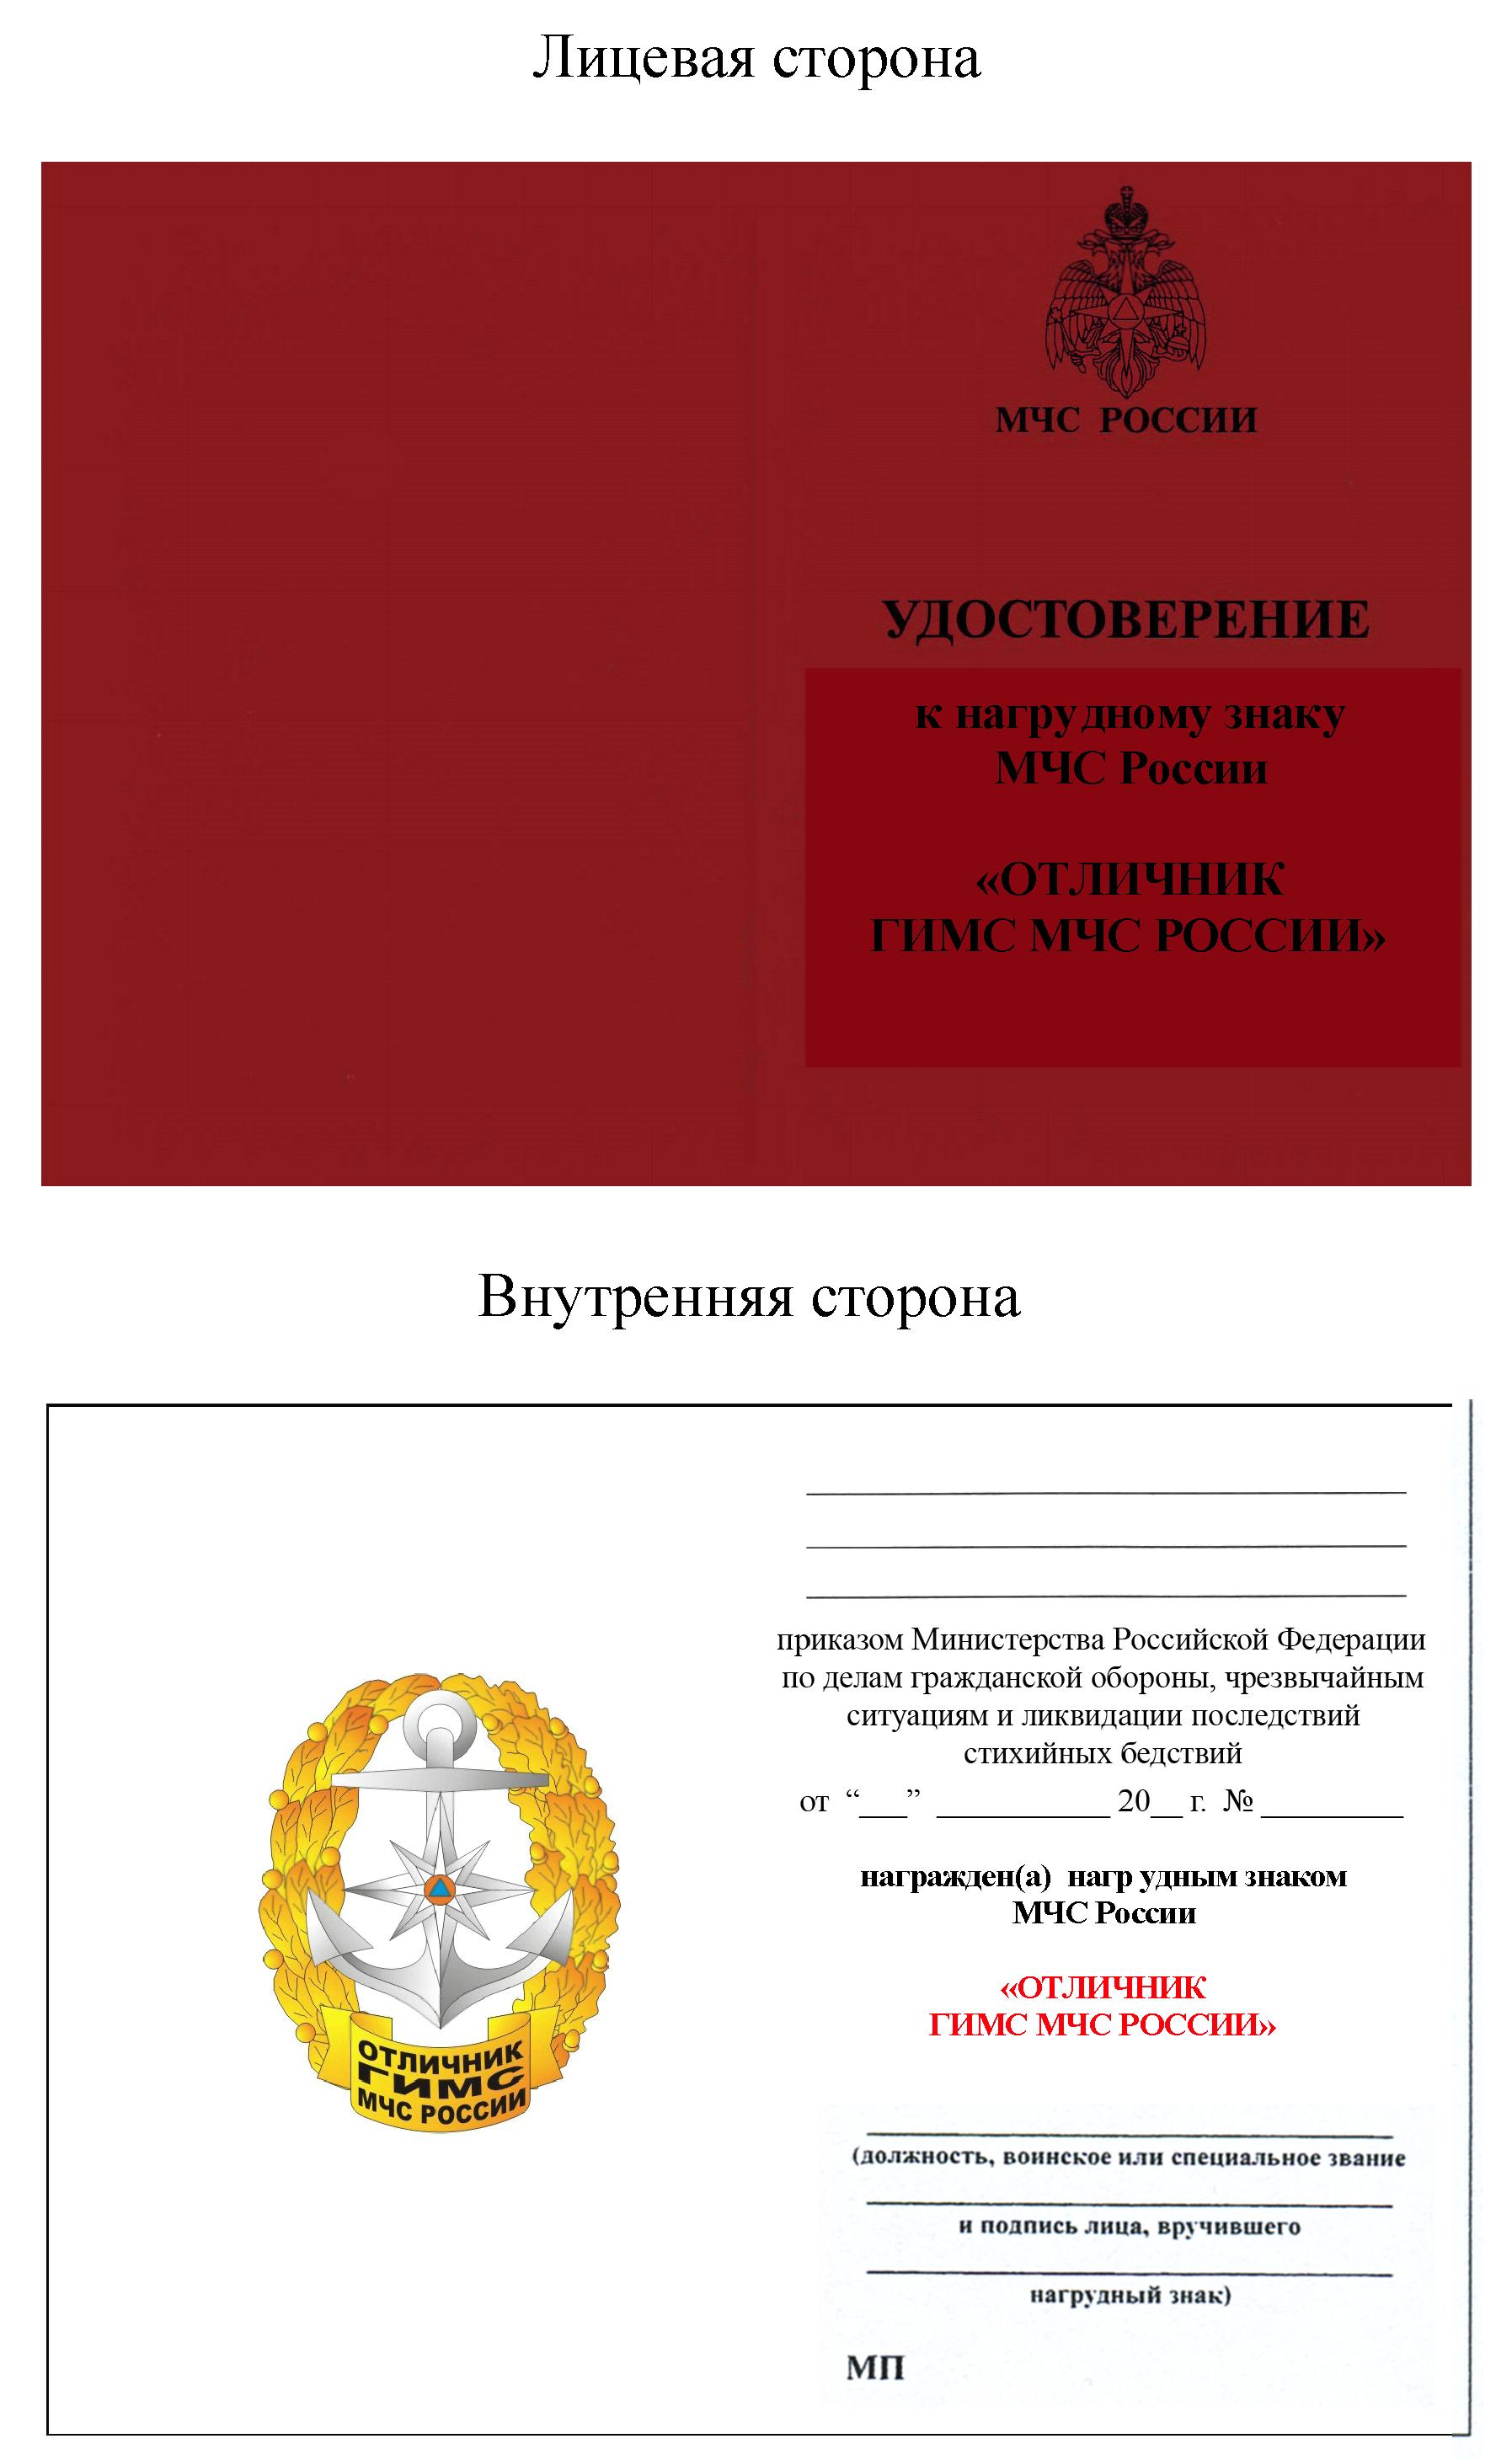 ПРИЛОЖЕНИЕ 3 К ПОЛОЖЕНИЮ 30, УТВ. ПРИКАЗОМ МЧС РФ ОТ 06.12.2010 N 620